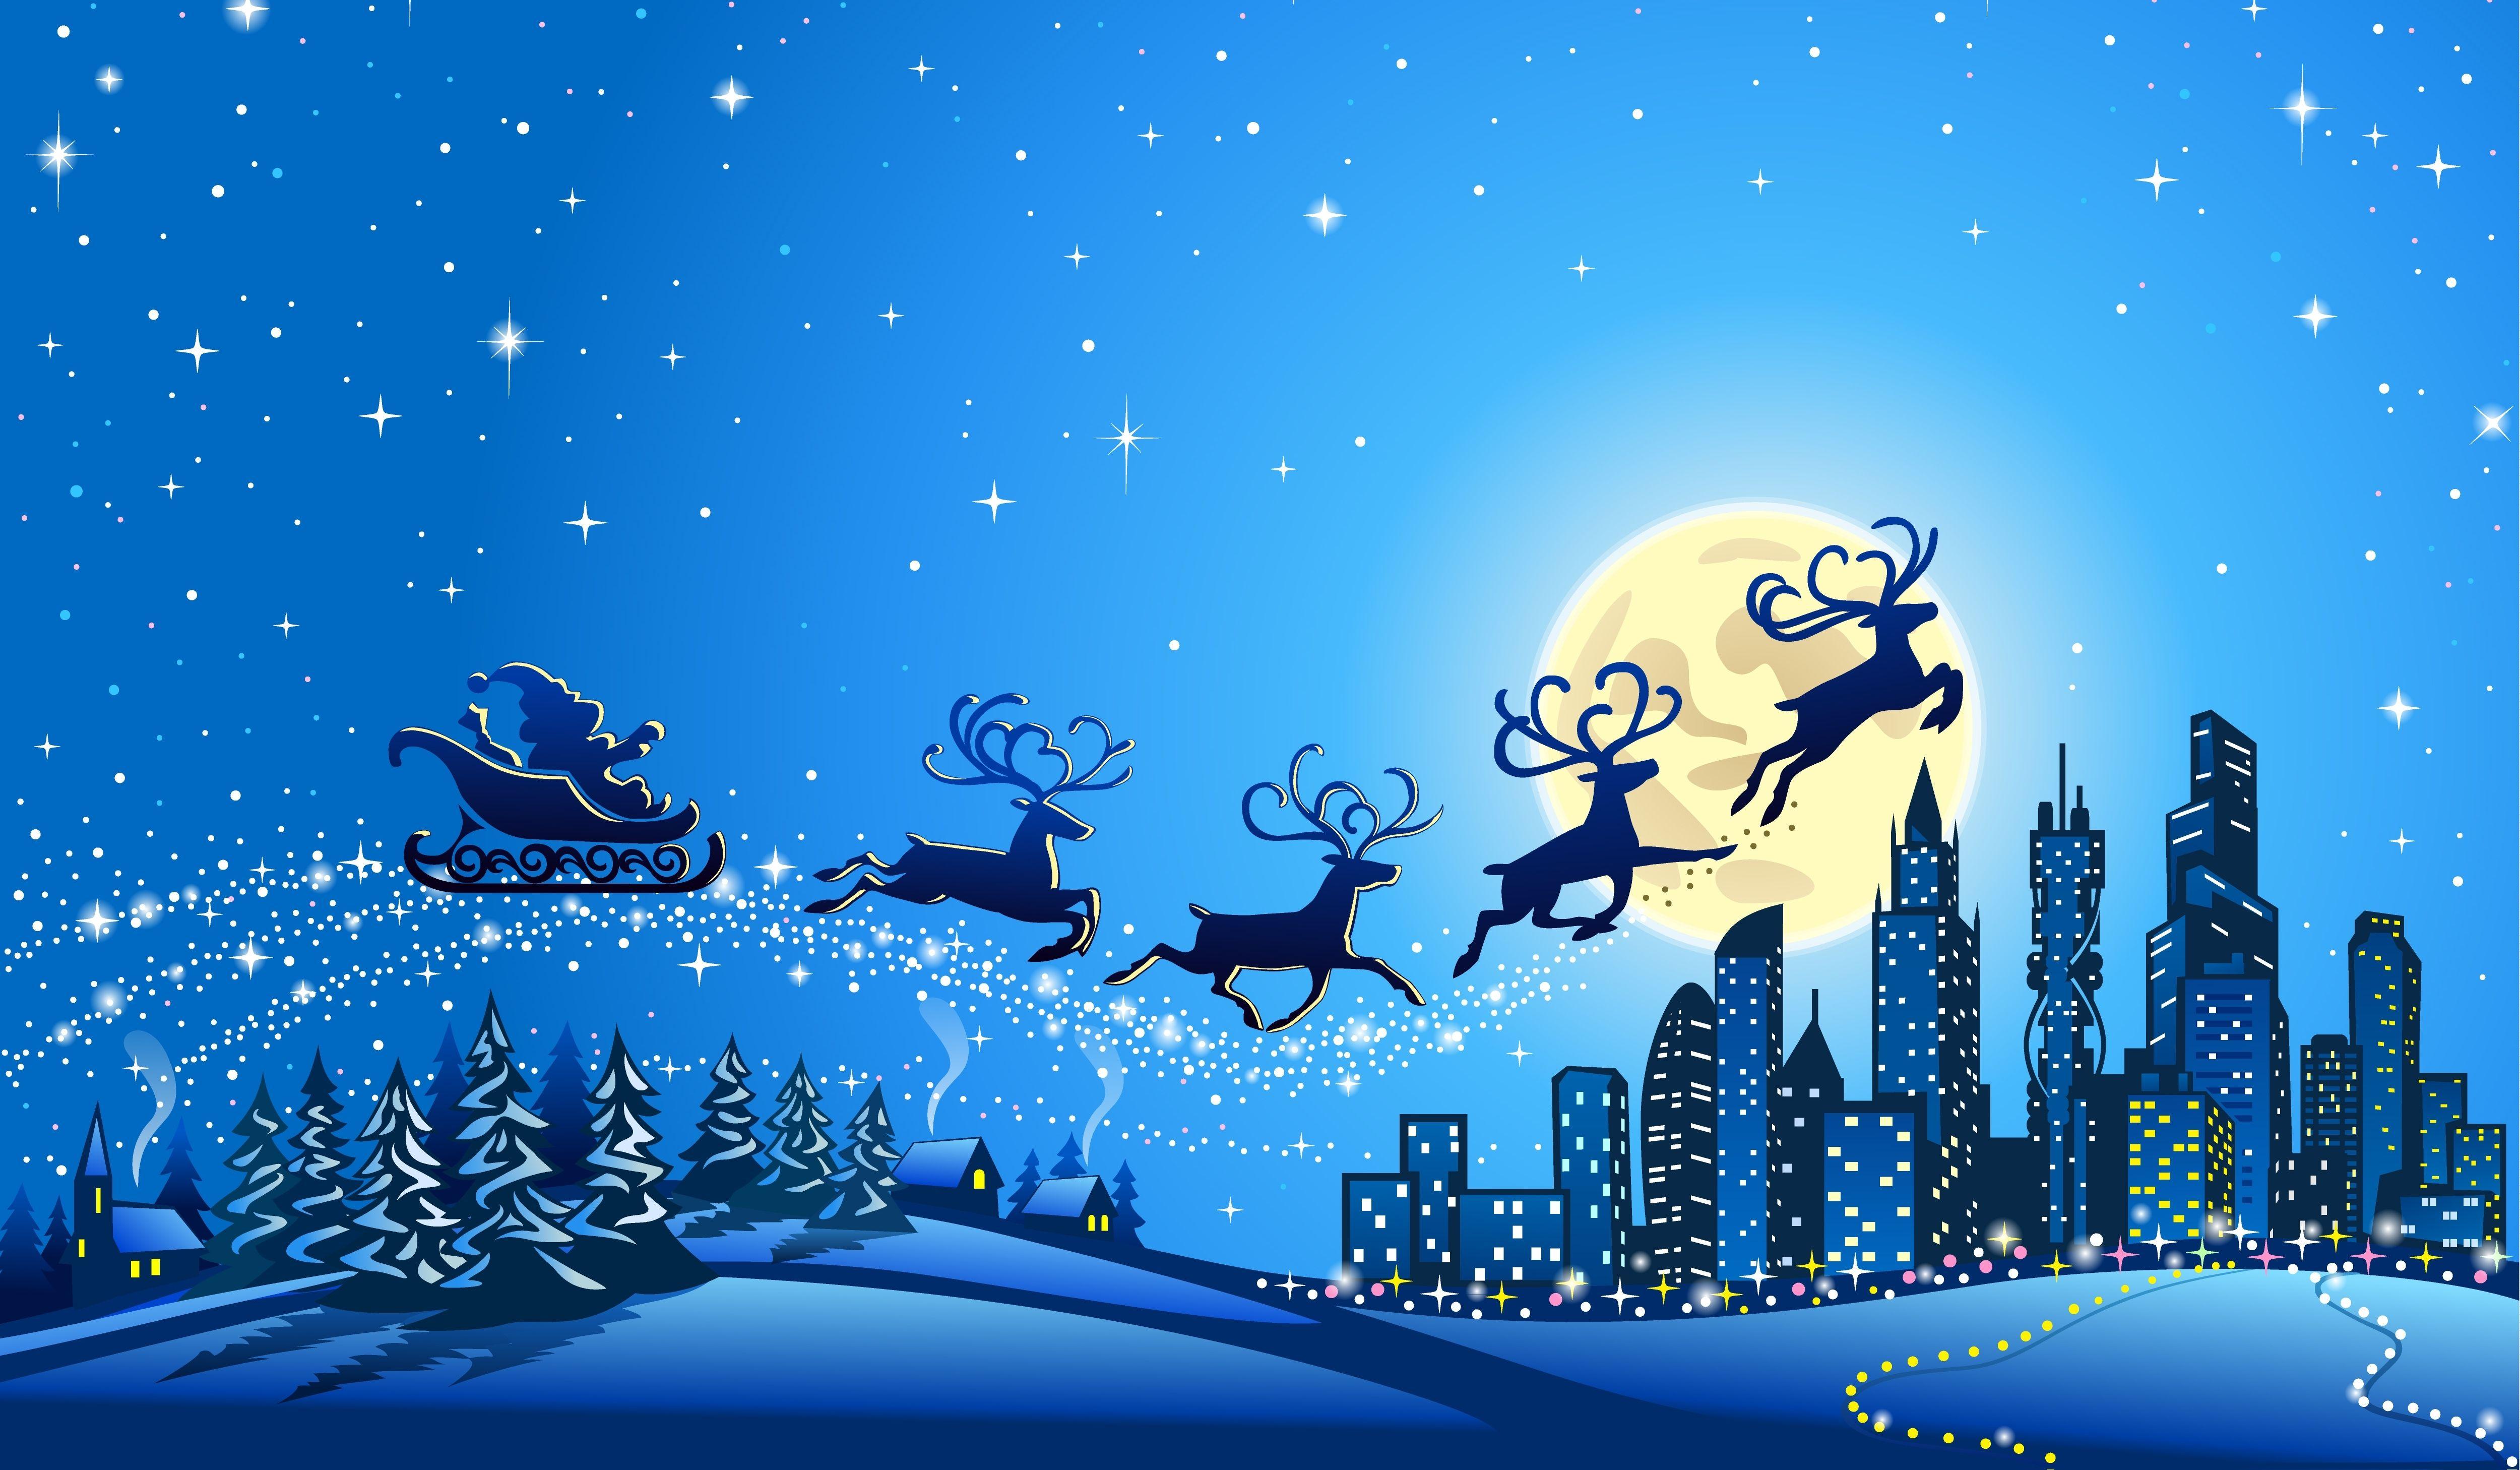 New Year Merry Christmas Snow Jpg 5000 2916 Weihnachtshintergrund Blaue Weihnachten Weihnachtsmann Hintergrundbild